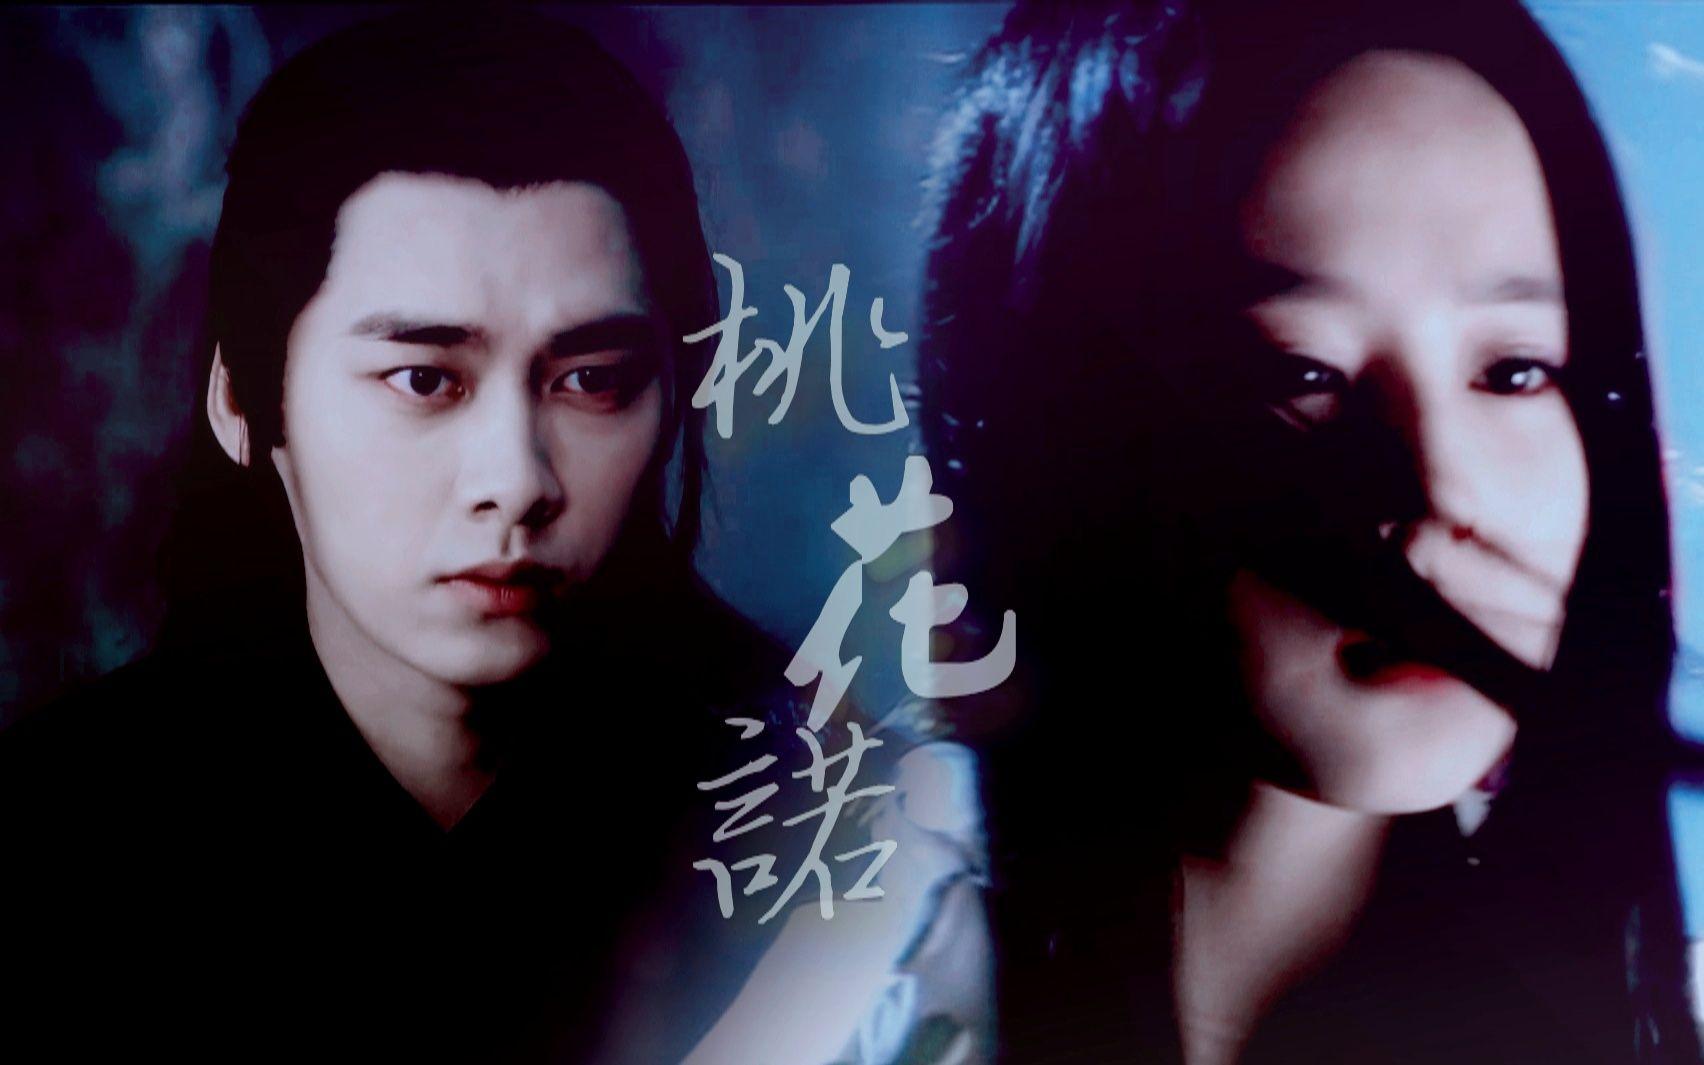 【李易峰】【刘亦菲】【鬼厉x小龙女】桃花诺——人鱼传说番外篇